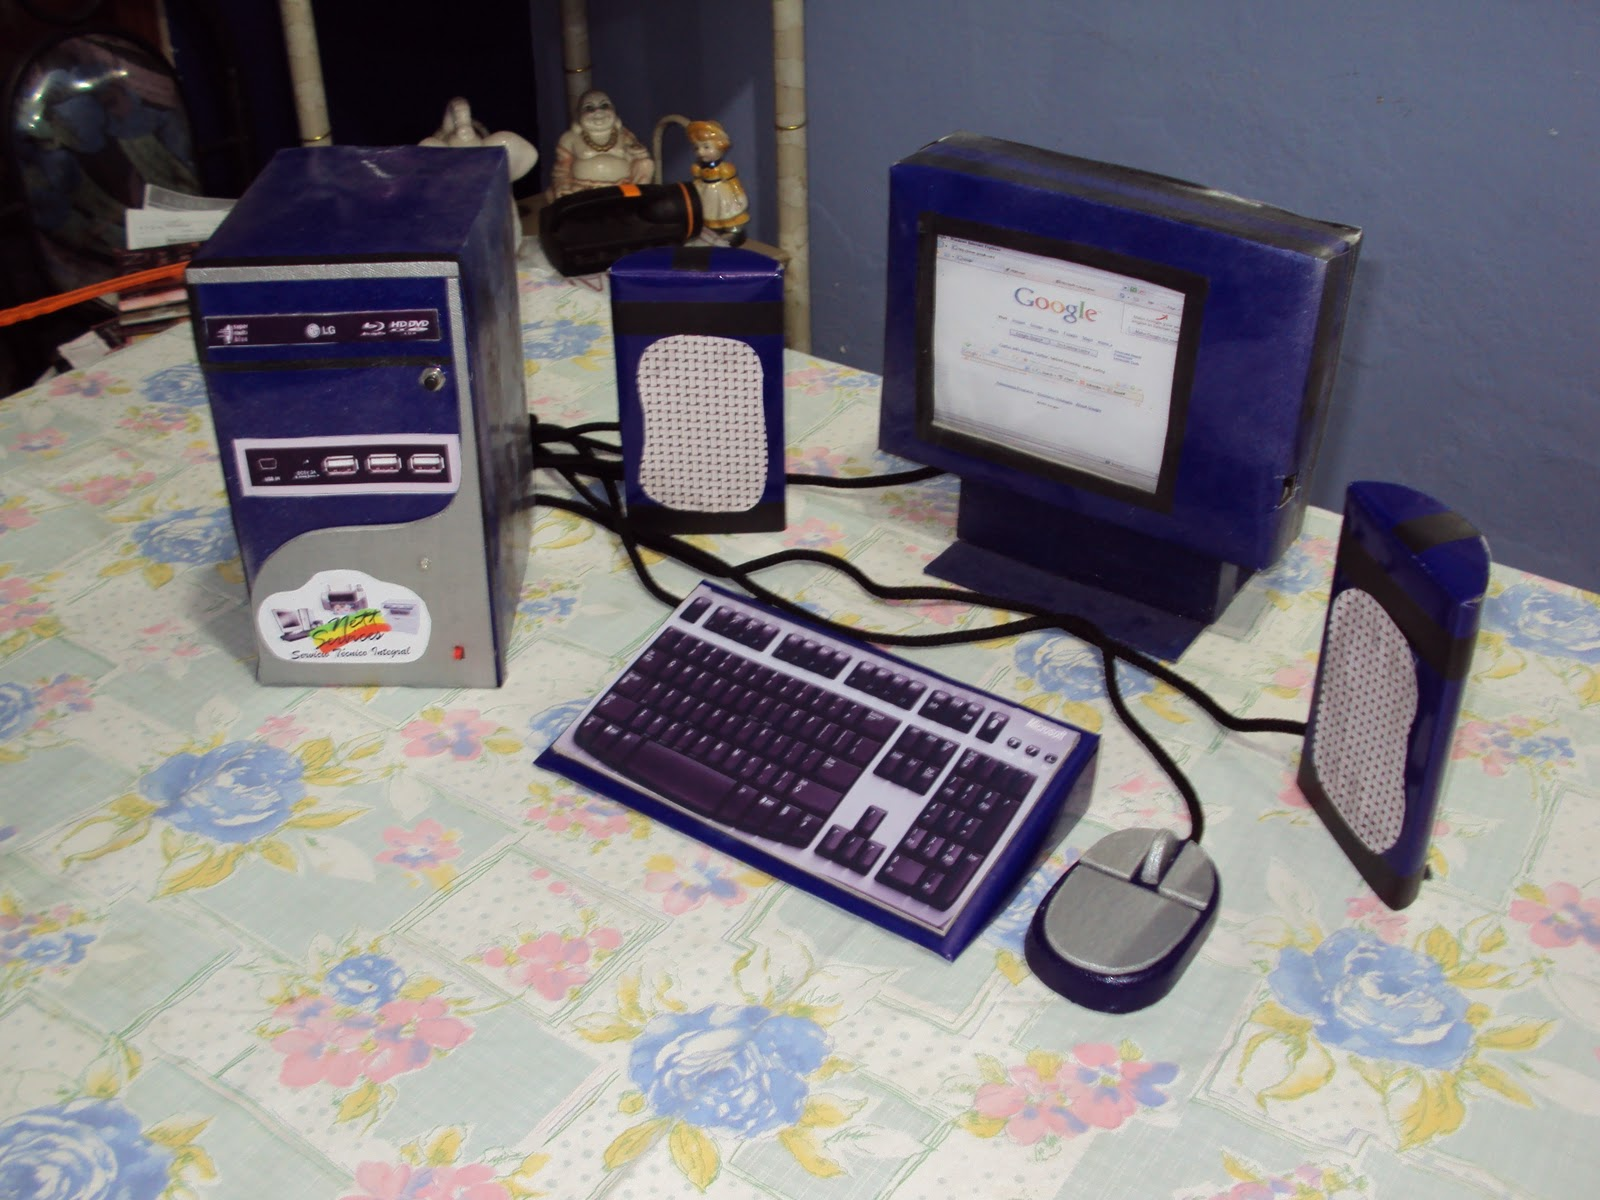 Maquetas escolares proyectos de ciencia electr nicos - Como hacer una mesa de ordenador ...